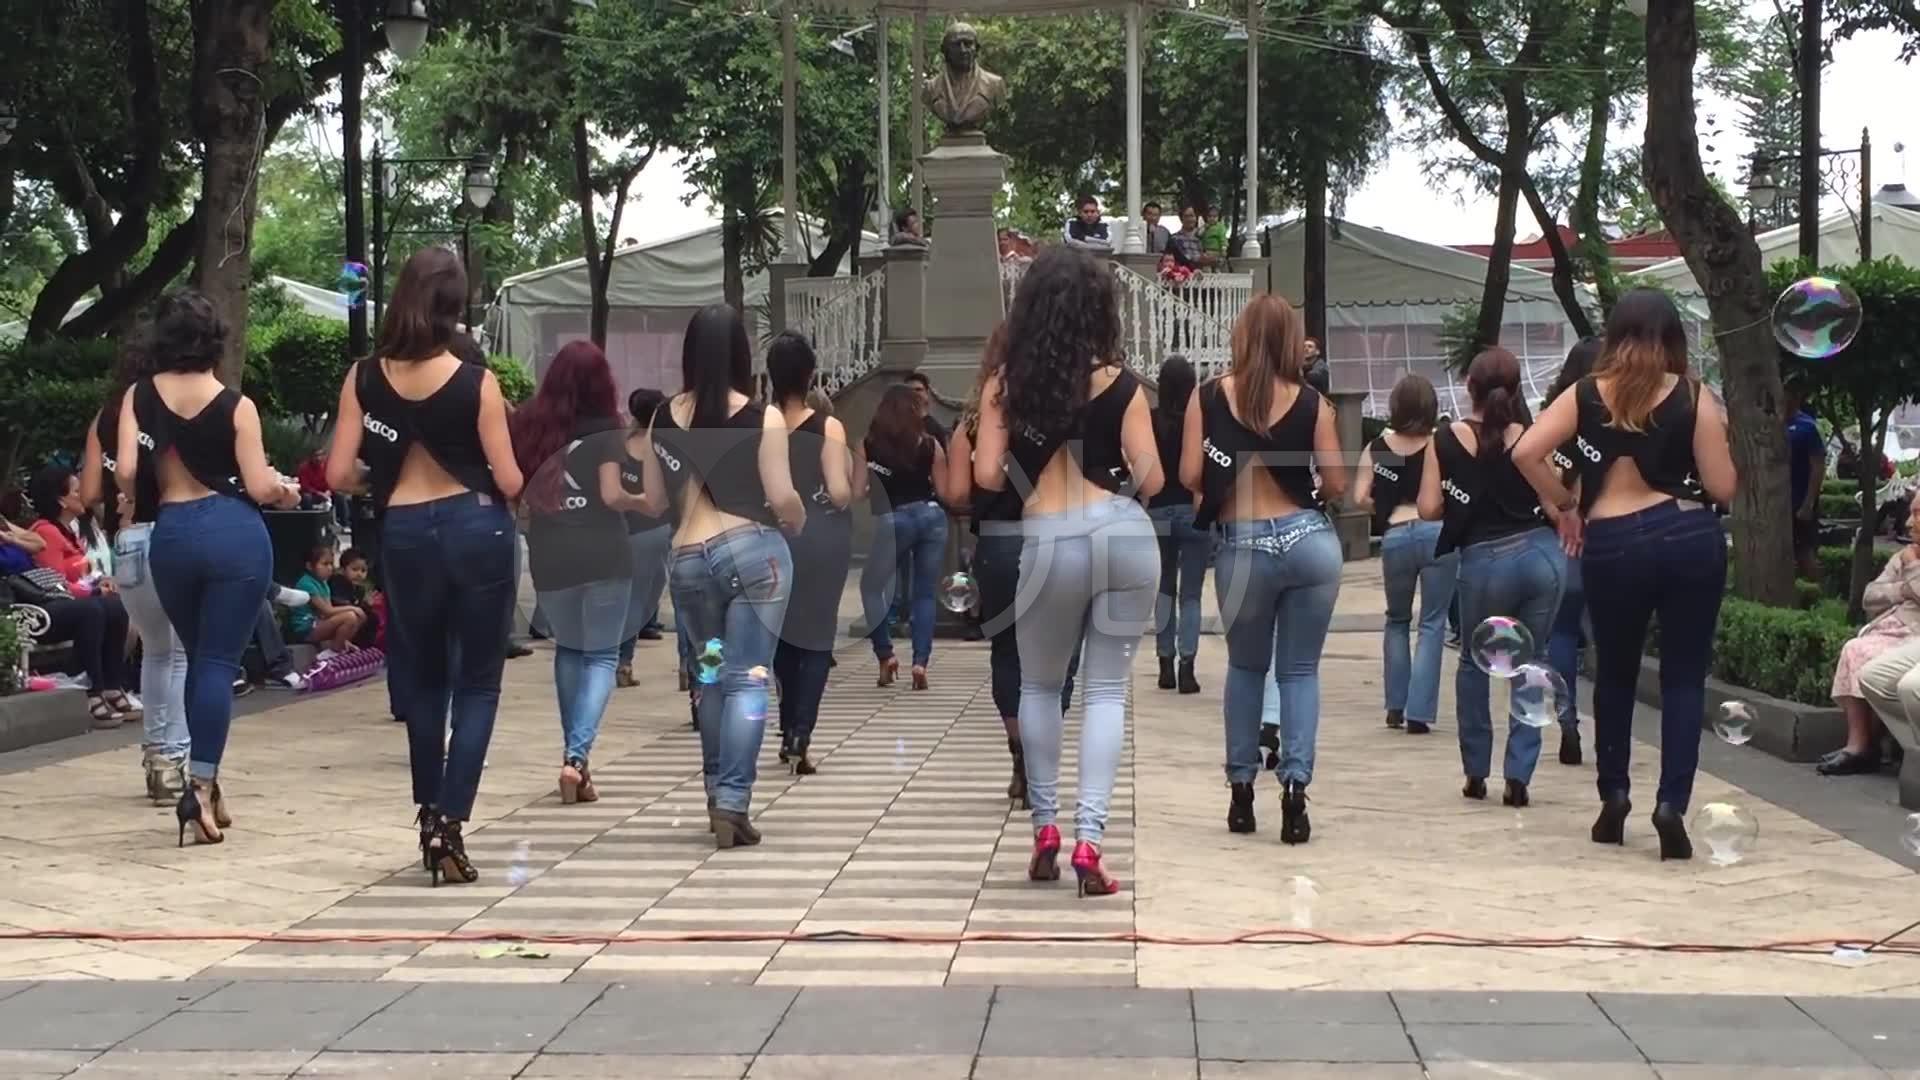 国外性感素材广场舞实拍美女视频_1920X108生活照性感女郎图片